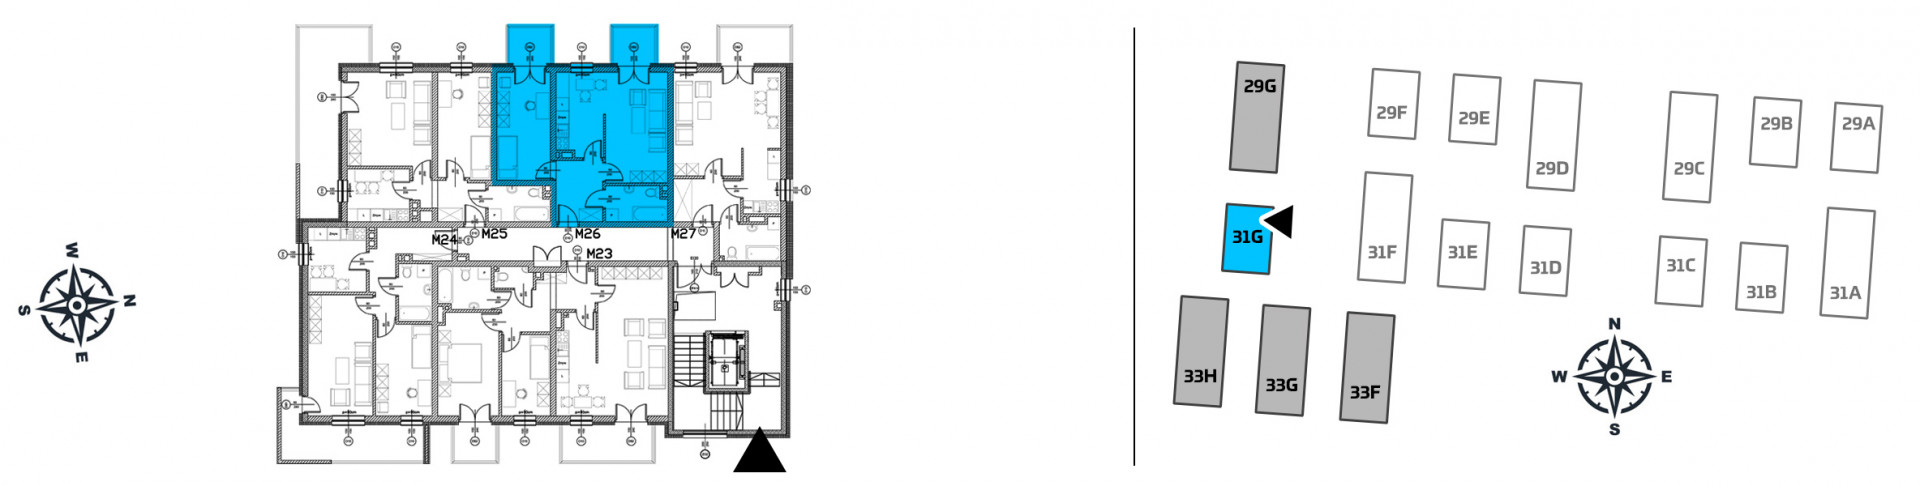 Mieszkanie dwupokojowe 31G/26 rzut 2